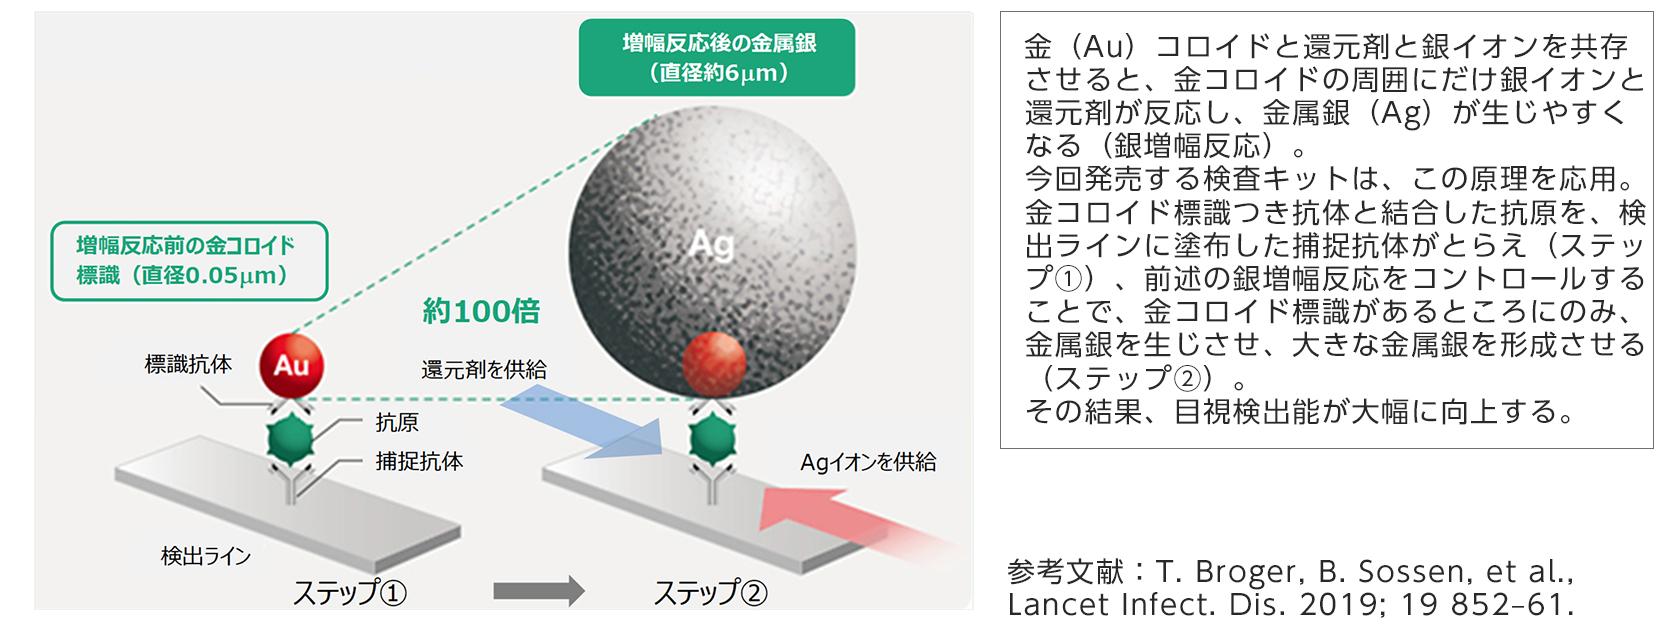 [図]今回発売する抗原検査キットに応用した銀増幅技術